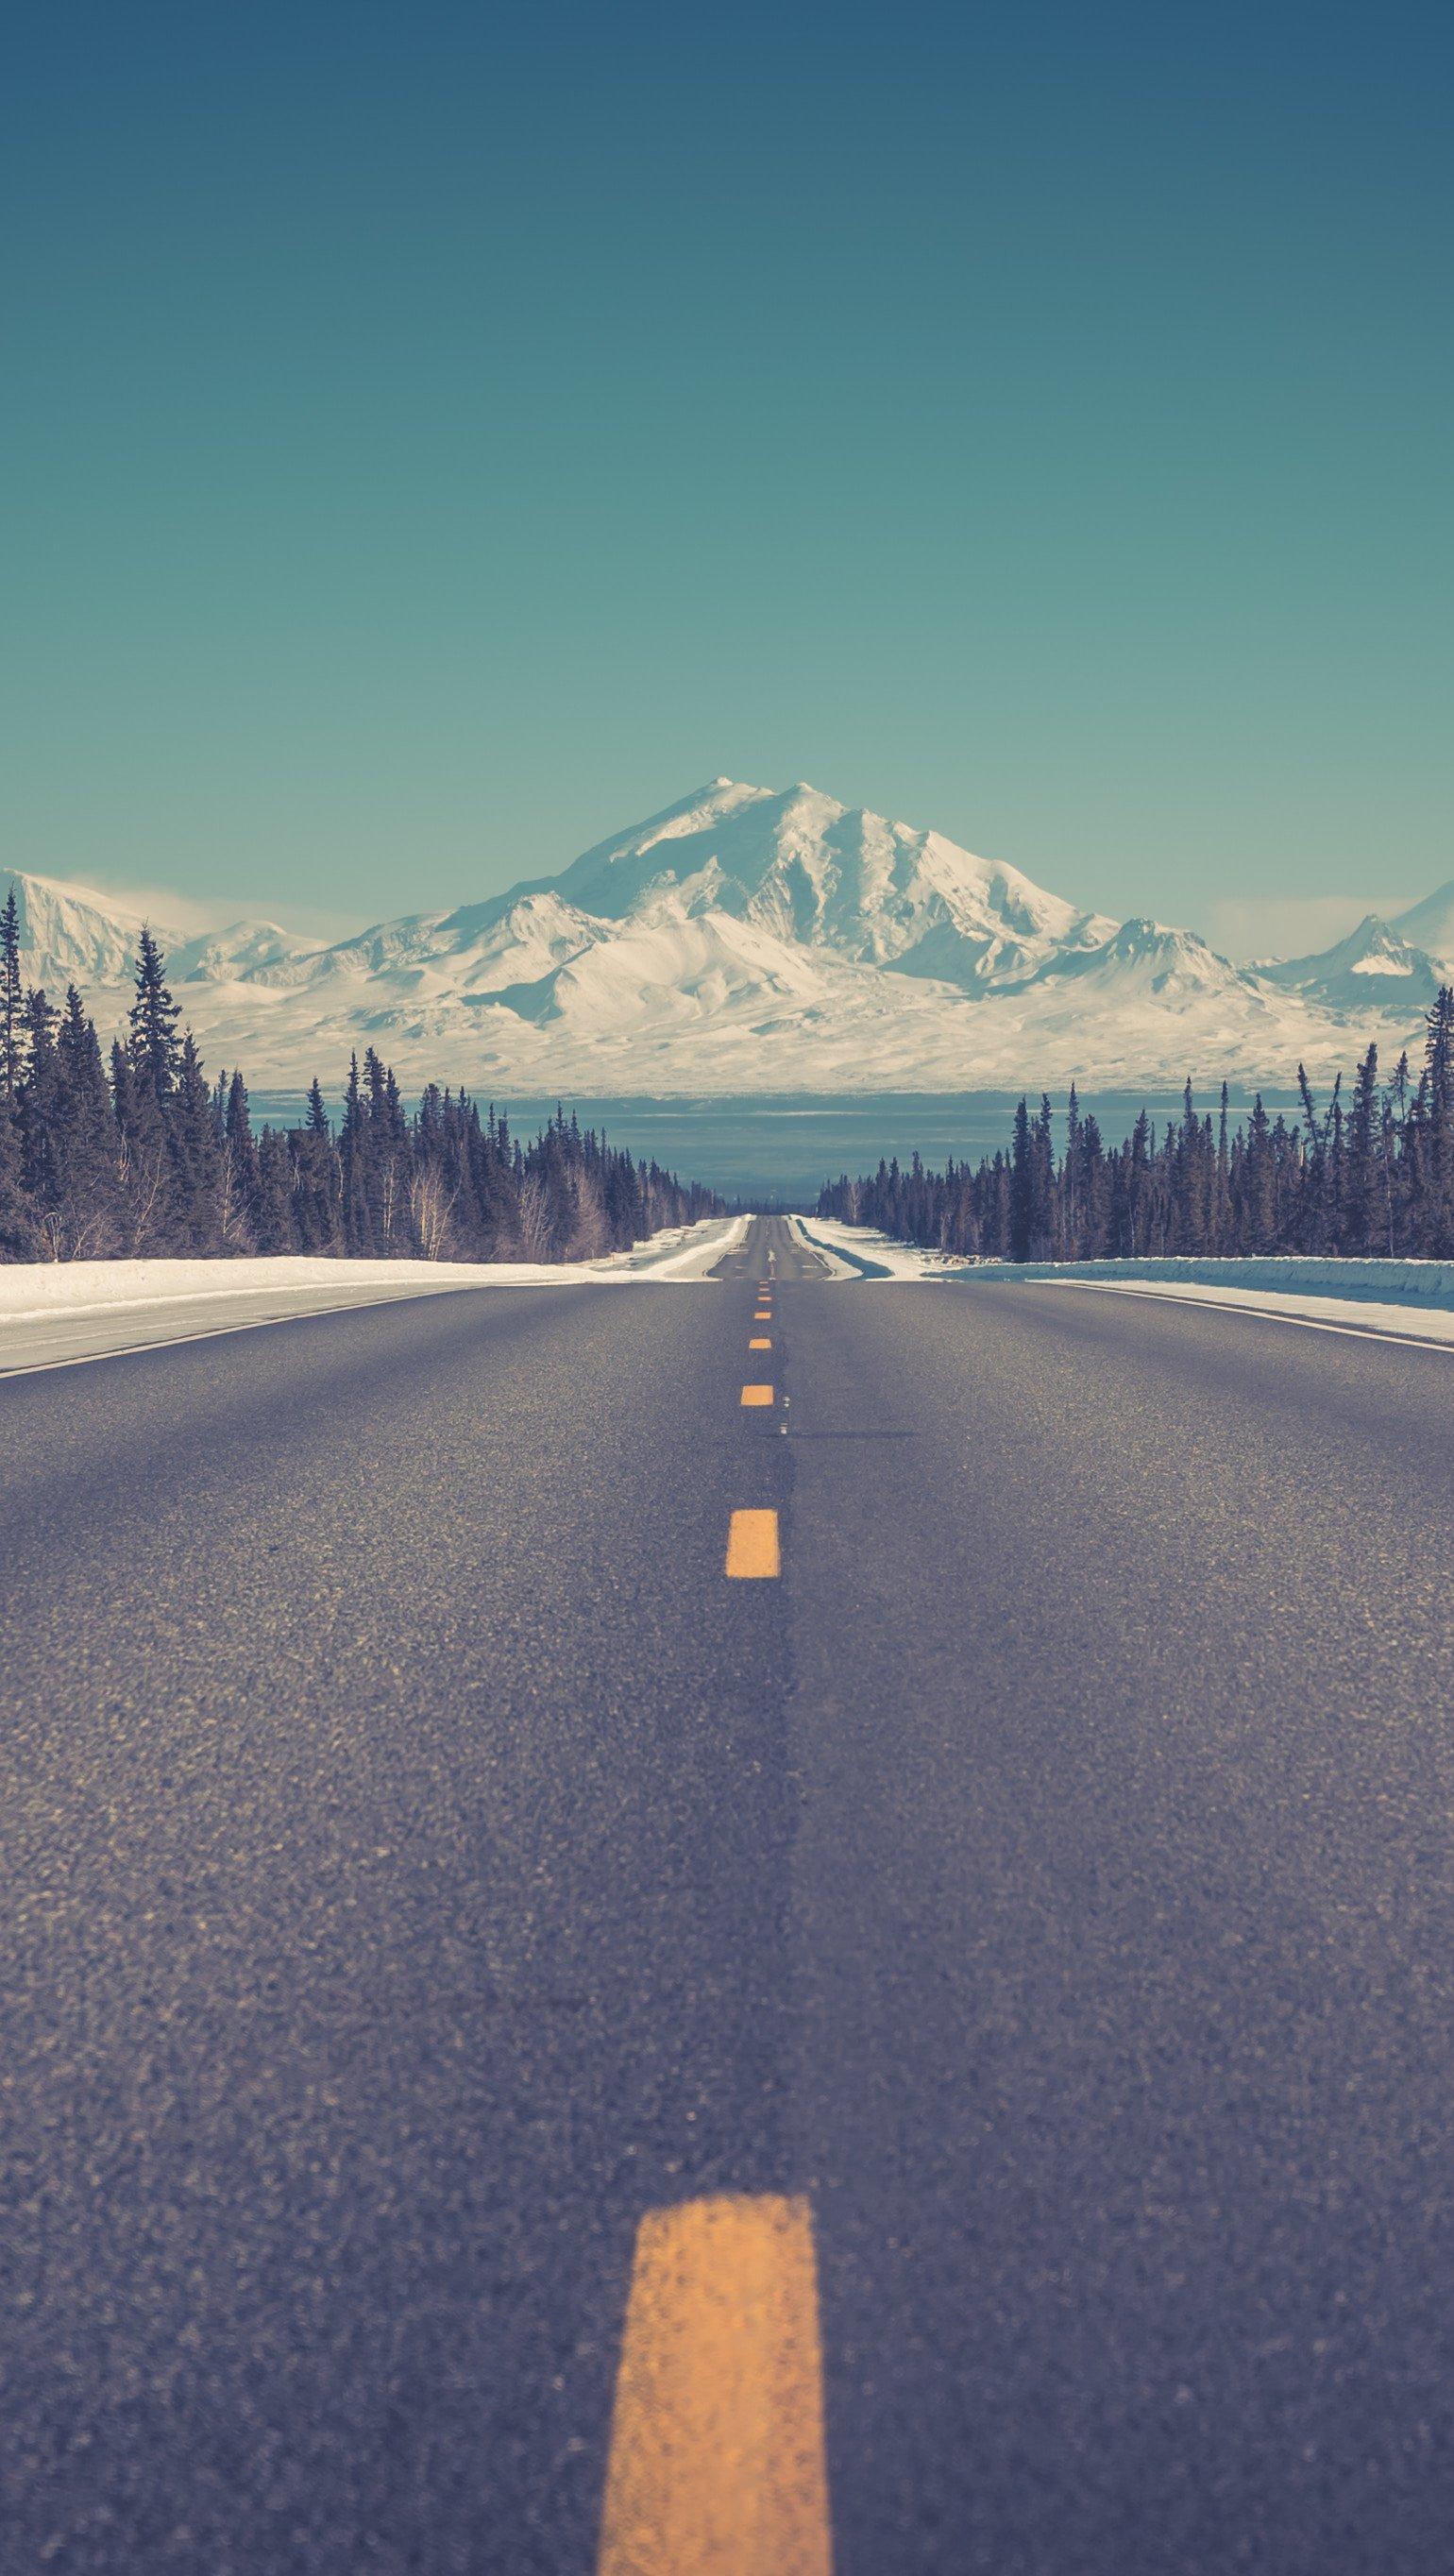 Fondos de pantalla Camino a las montañas en invierno Vertical